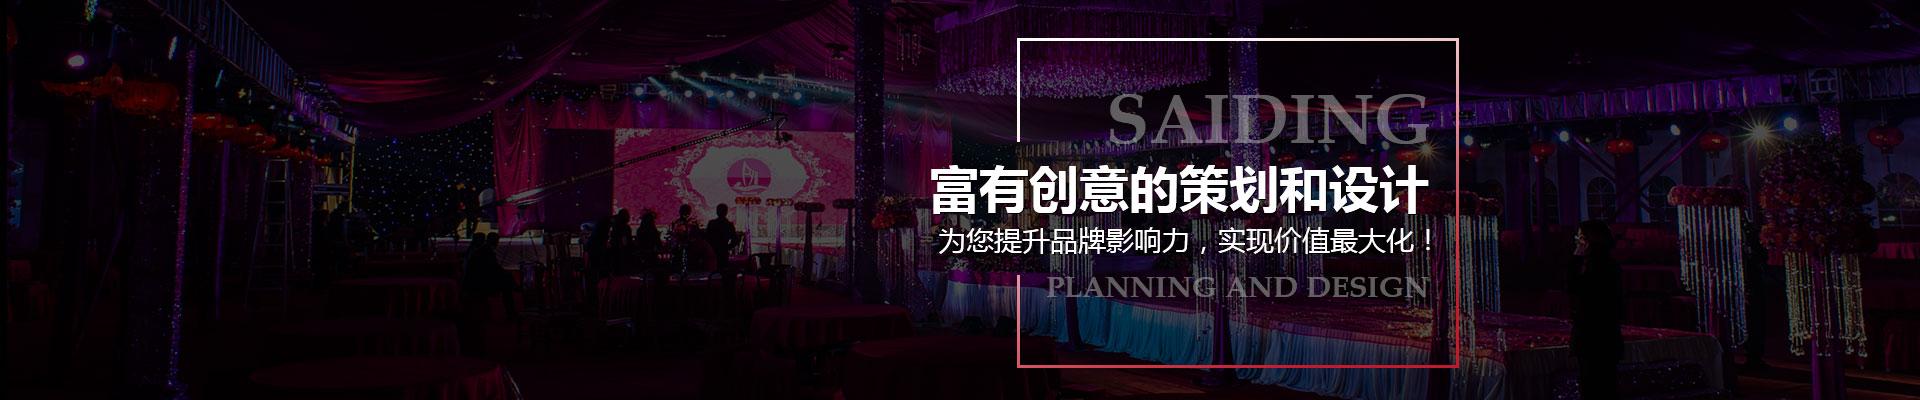 重庆庆典设备租赁